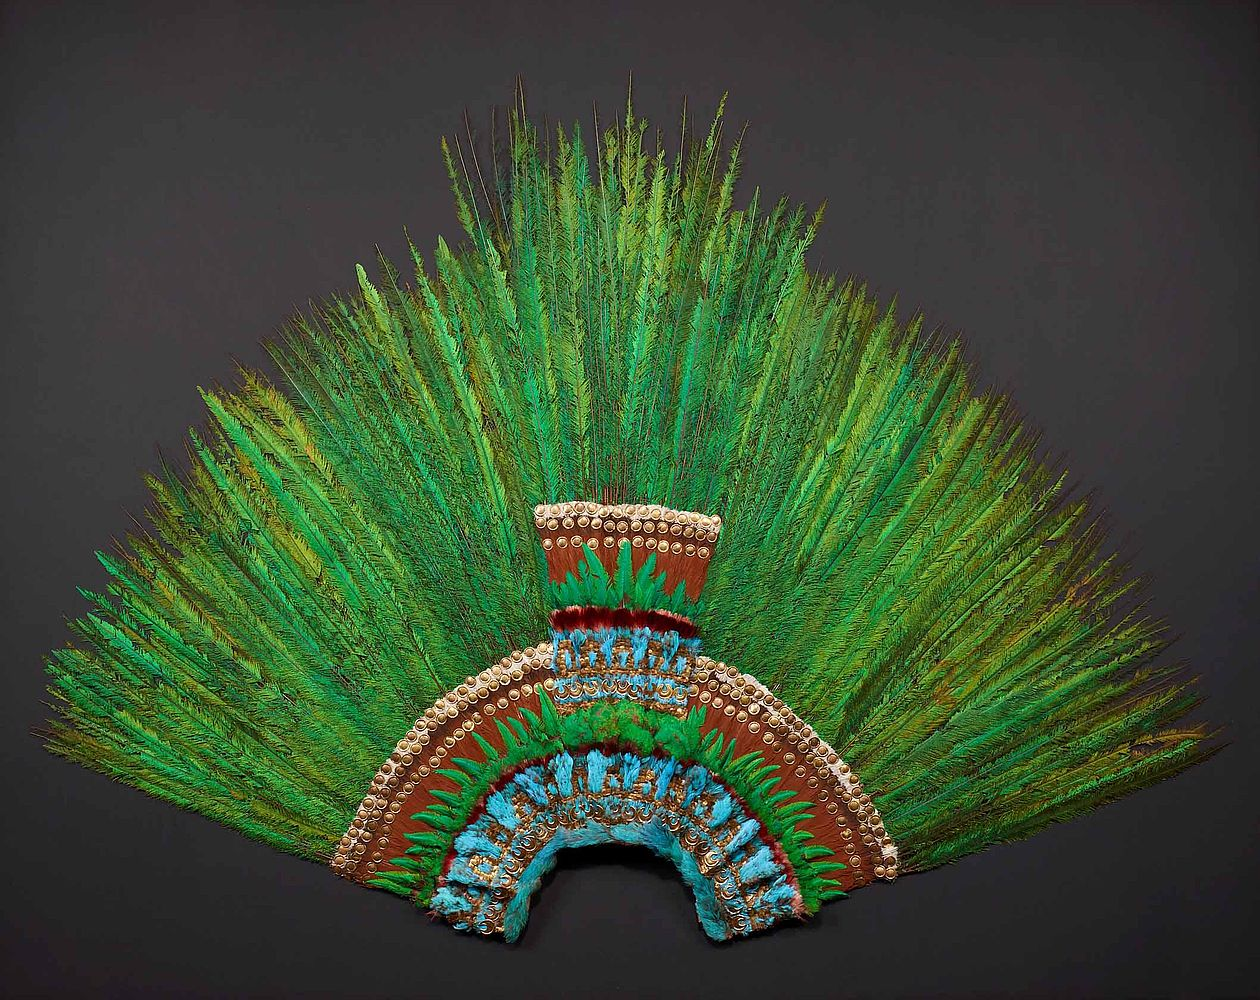 Reaparece el Penacho de Moctezuma en Viena